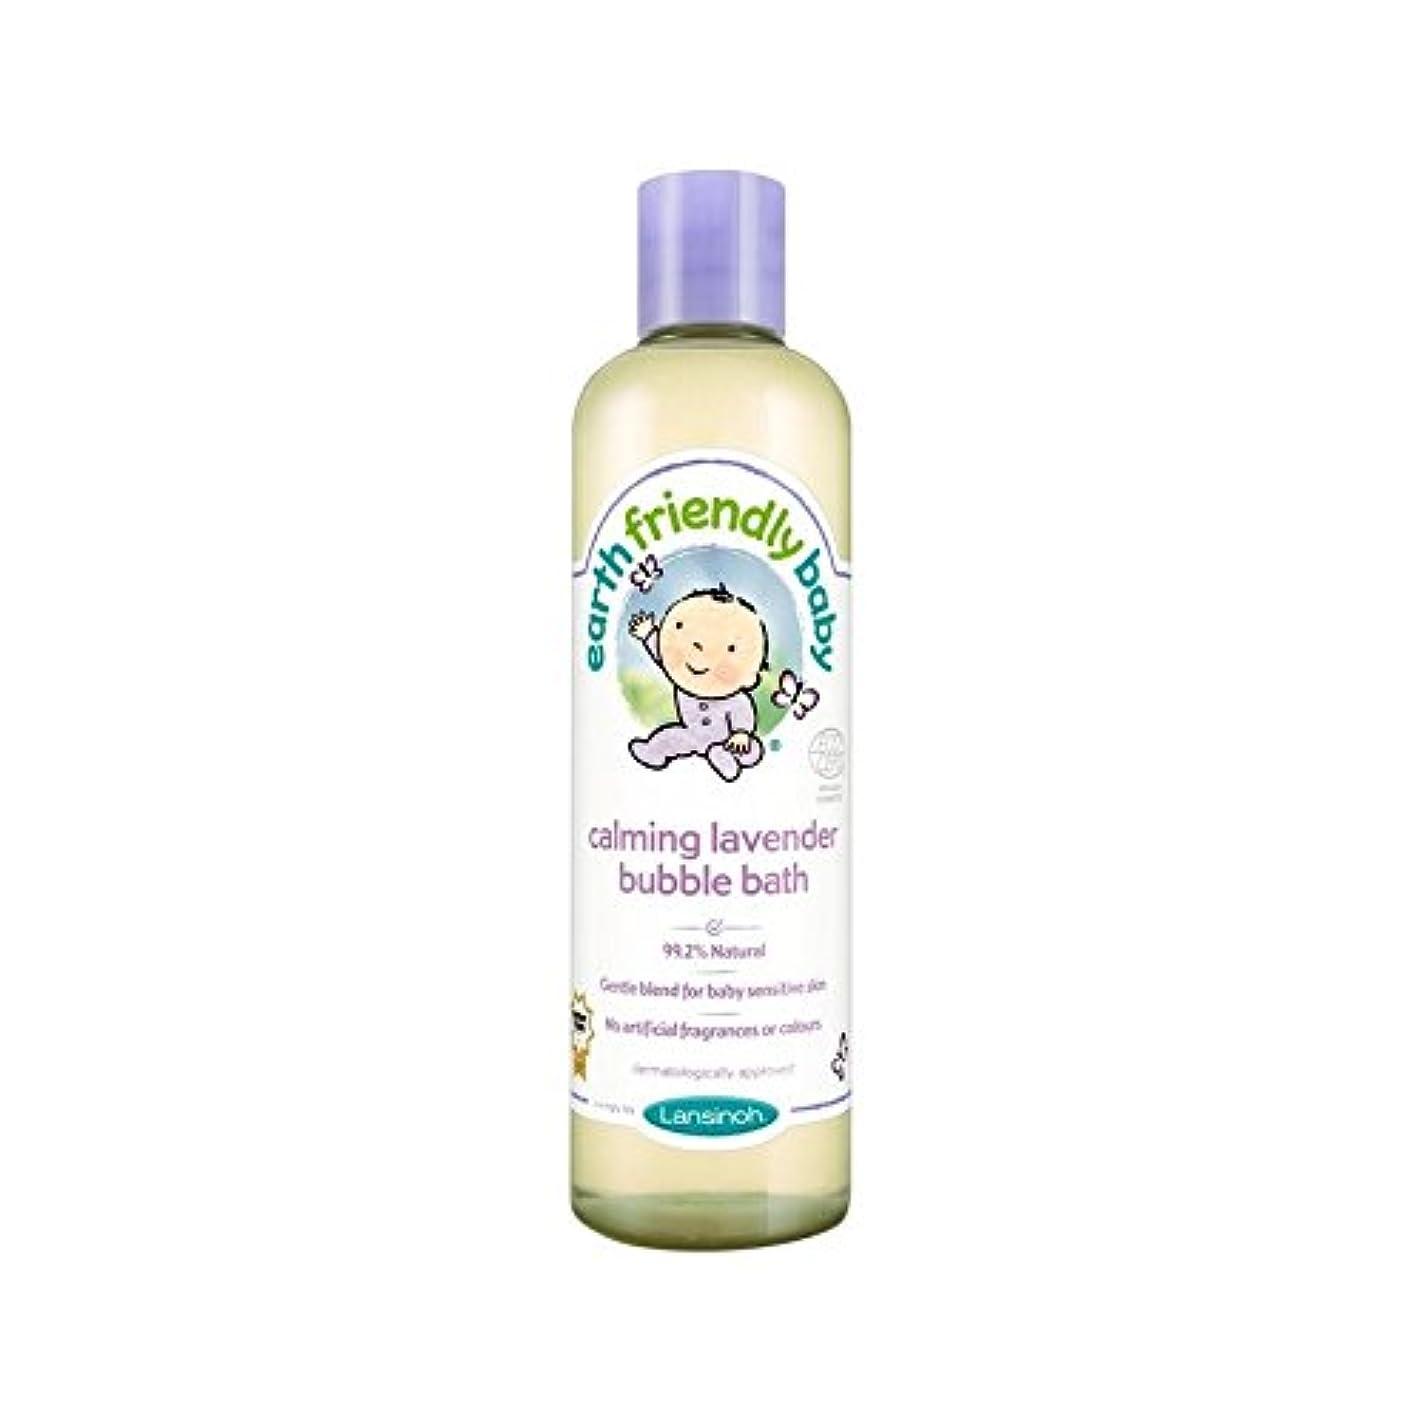 普通のエクスタシー自分赤ちゃん沈静ラベンダー泡風呂のエコサートの300ミリリットル (Earth Friendly) (x 2) - Earth Friendly Baby Calming Lavender Bubble Bath ECOCERT 300ml (Pack of 2) [並行輸入品]